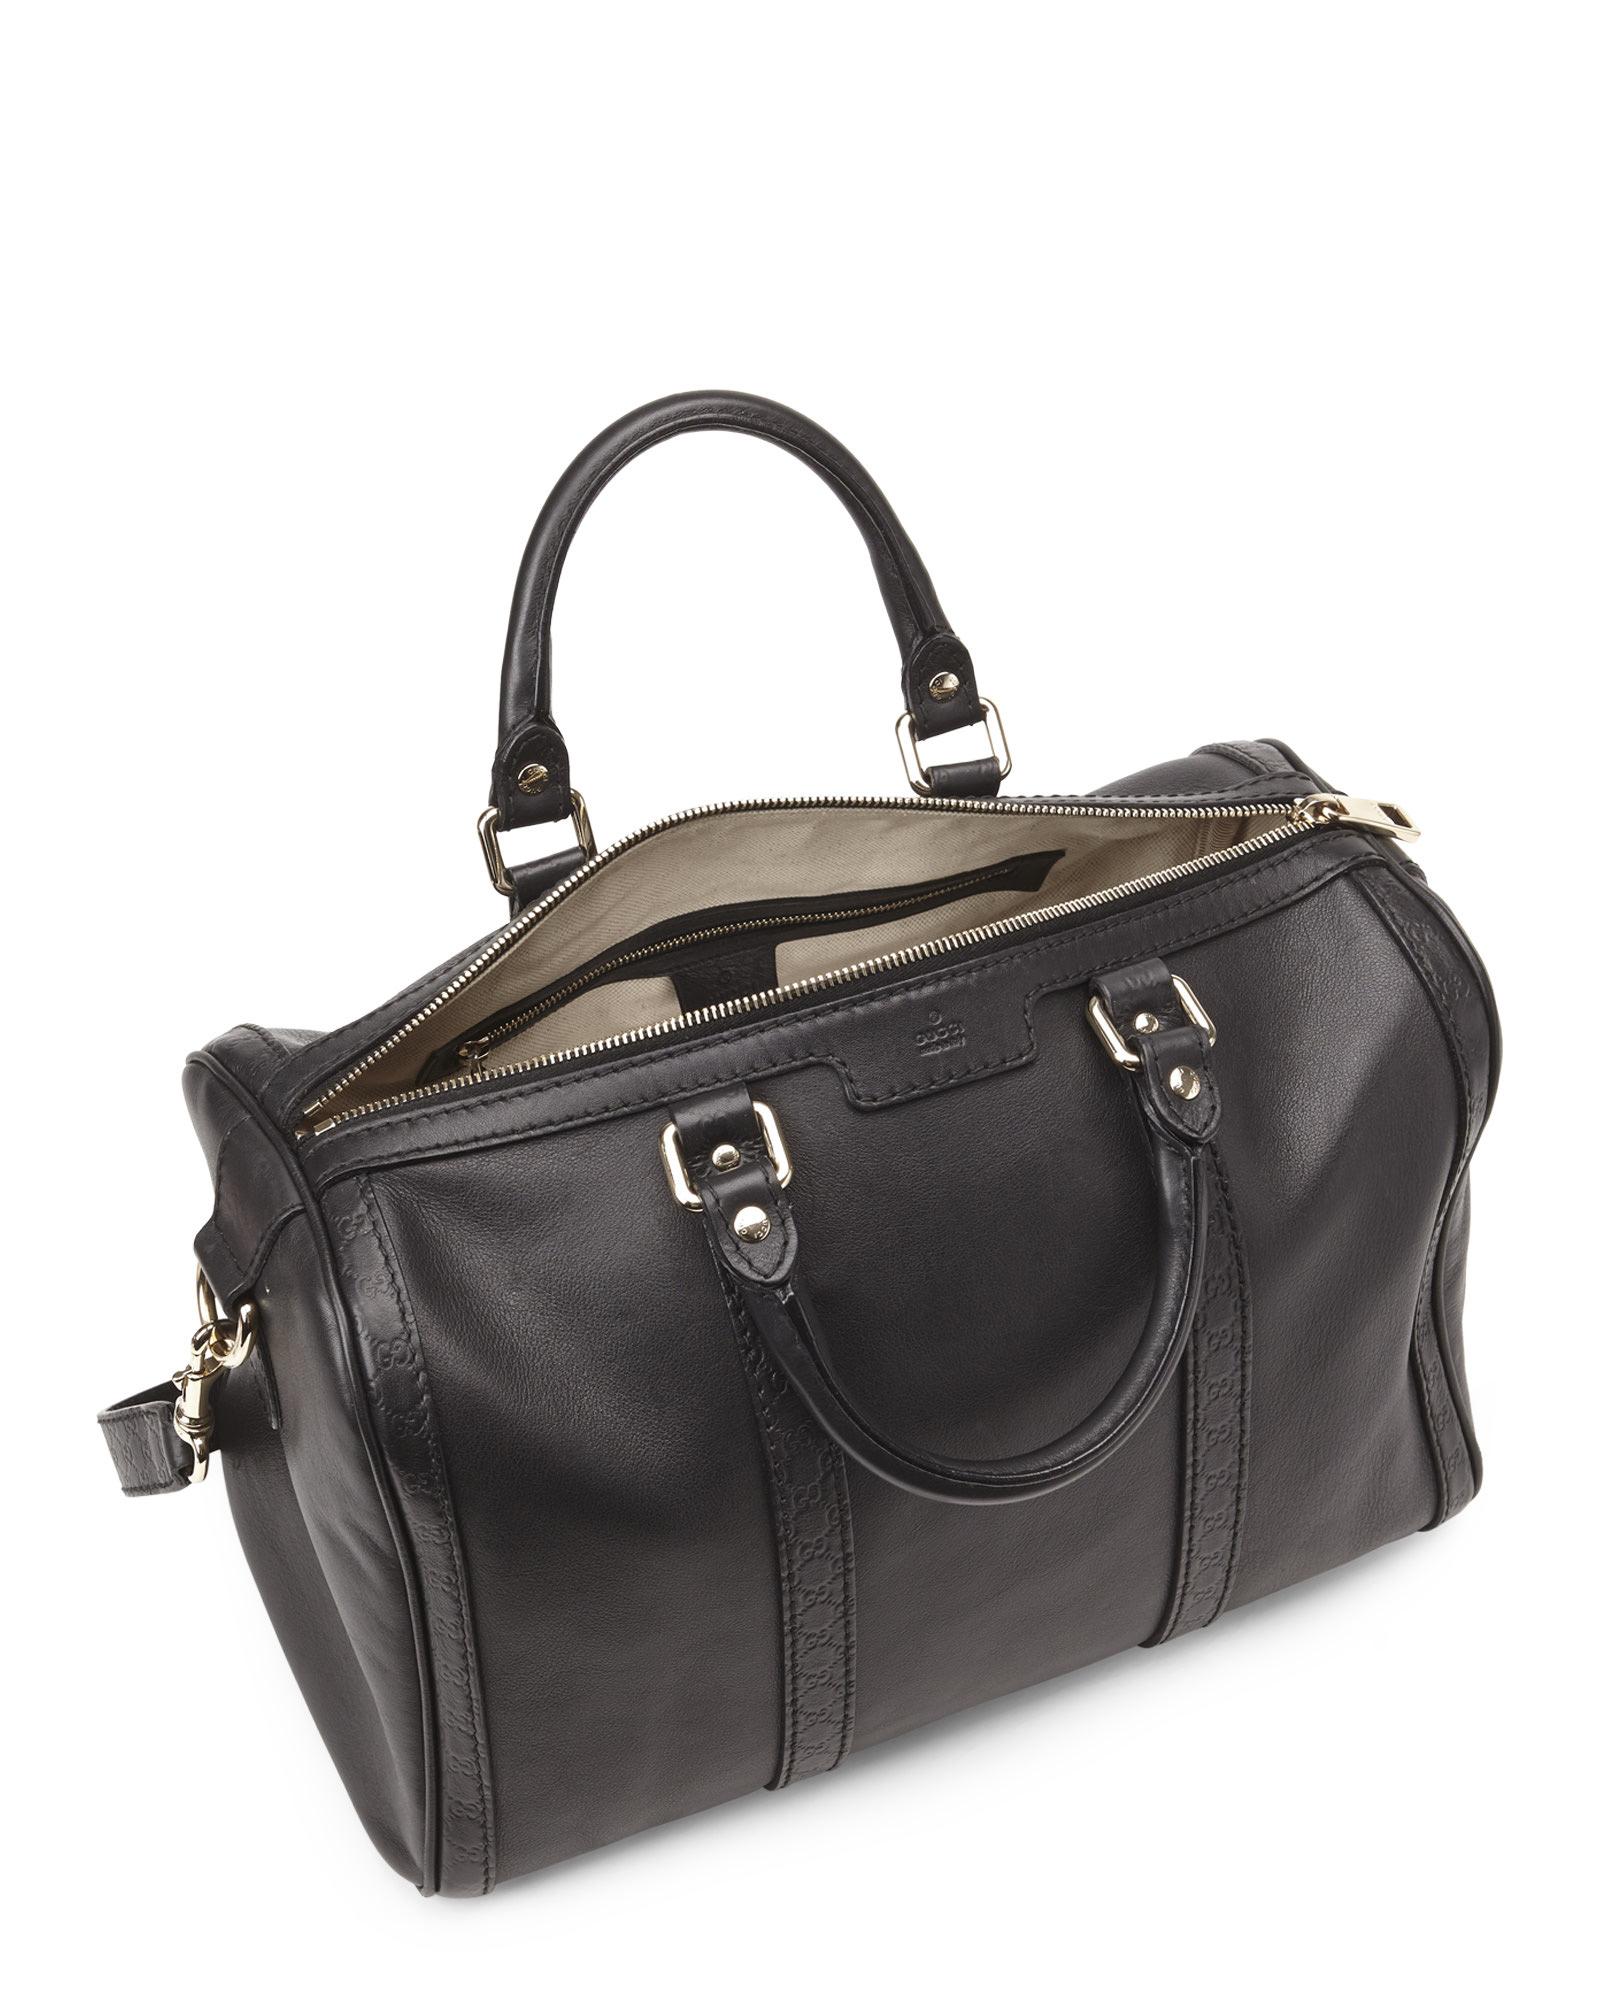 18ef127958e7 Gucci Black Leather & Microssima Joy Boston Bag in Black - Lyst